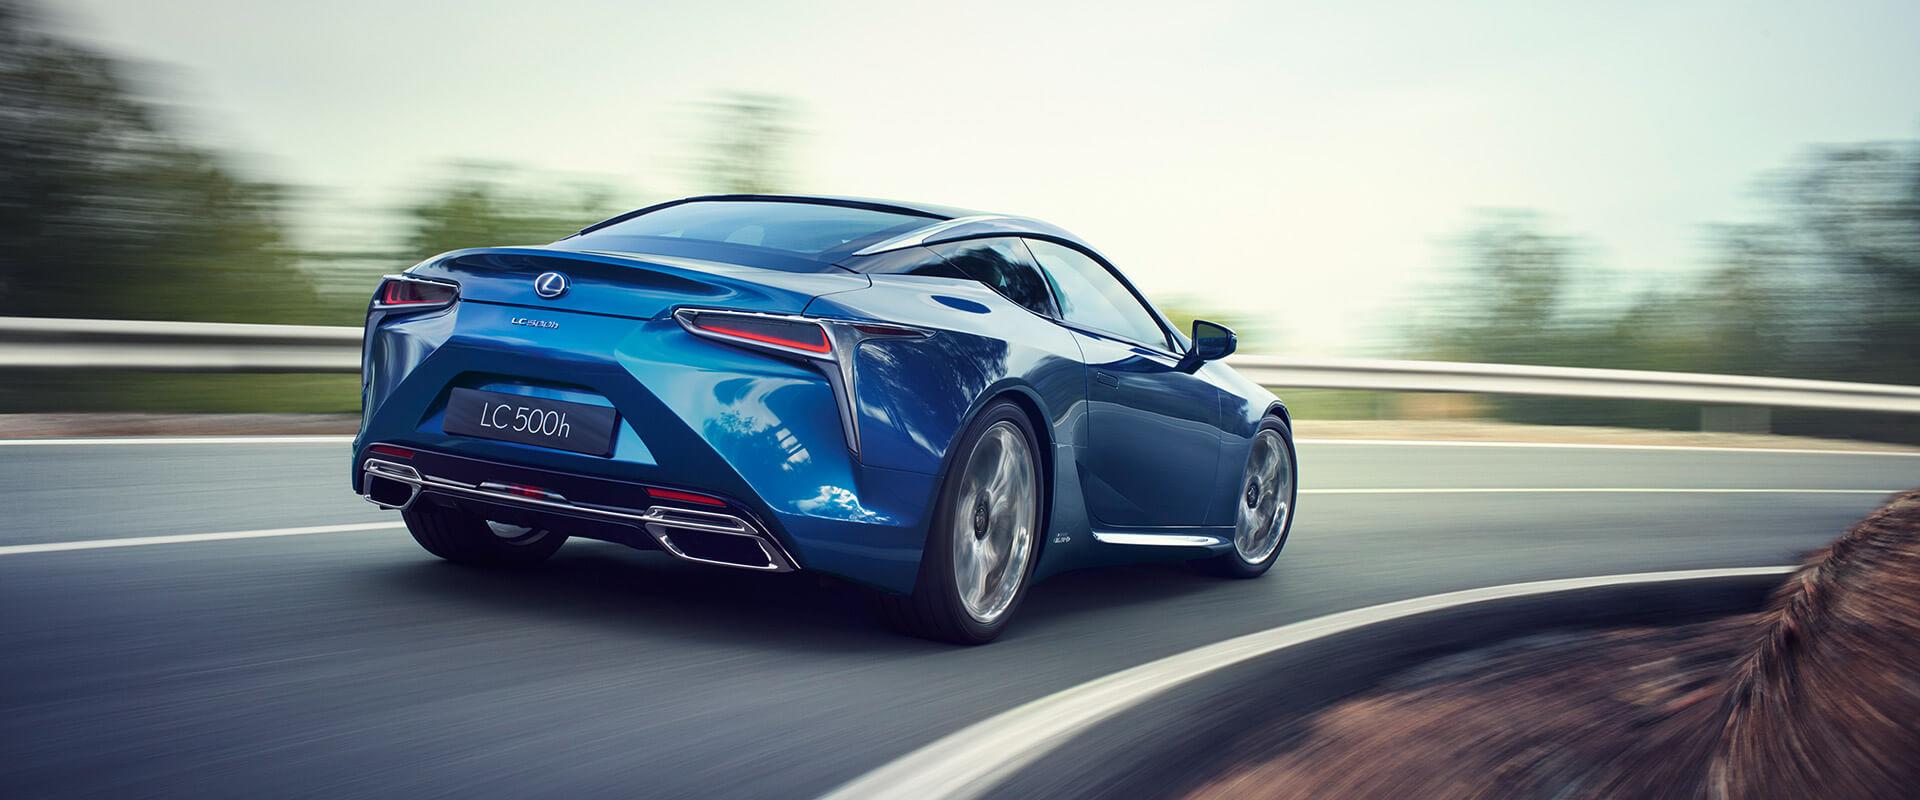 Dəbdəbəli Lexus LC 500h